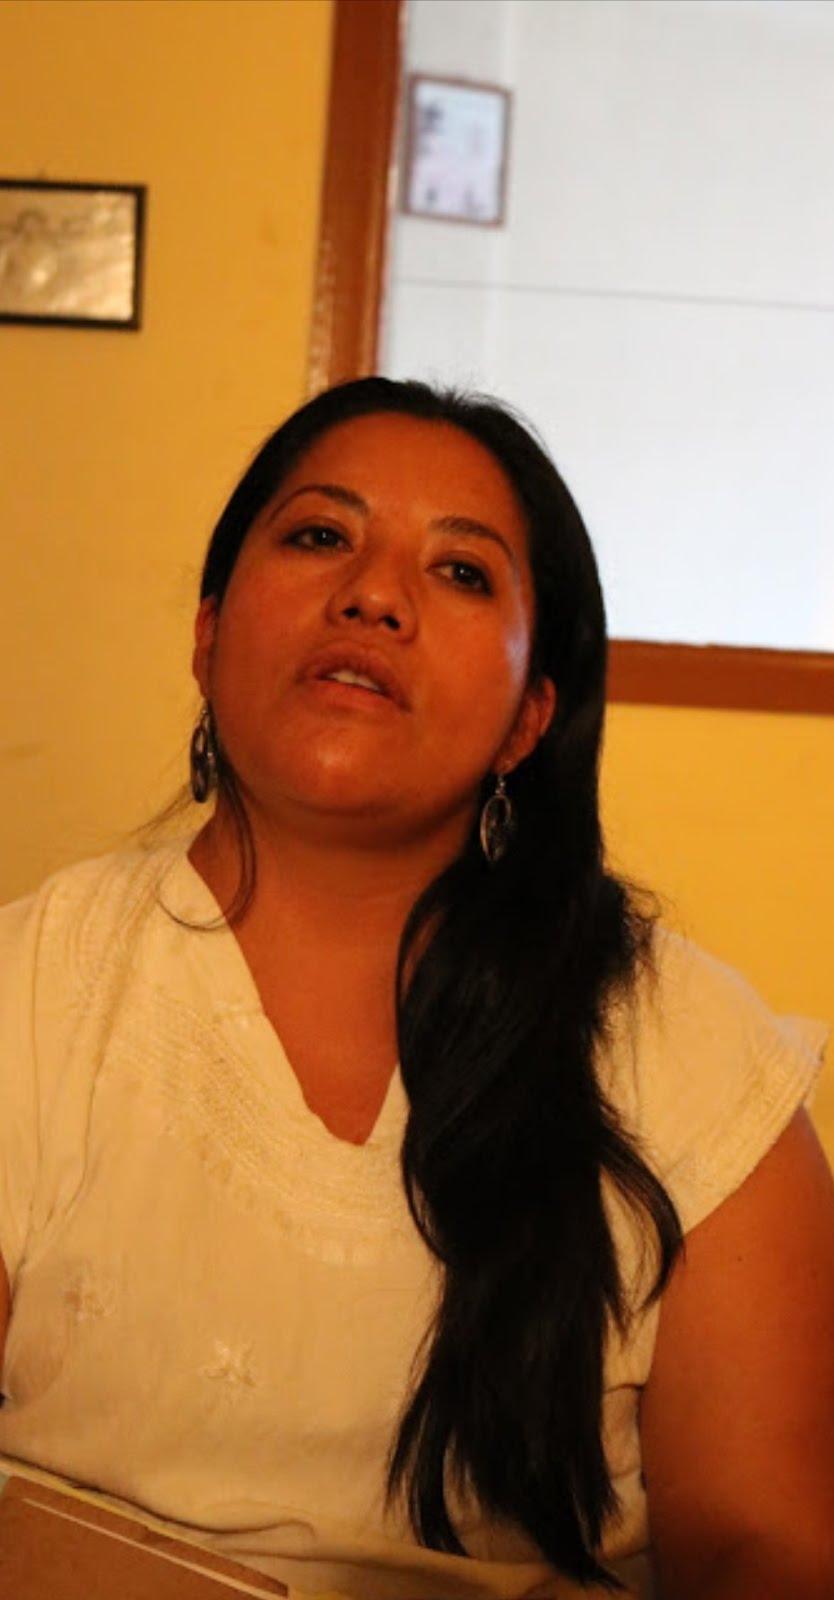 Morenistas de Tláhuac parecen probar con escenarios de miedo